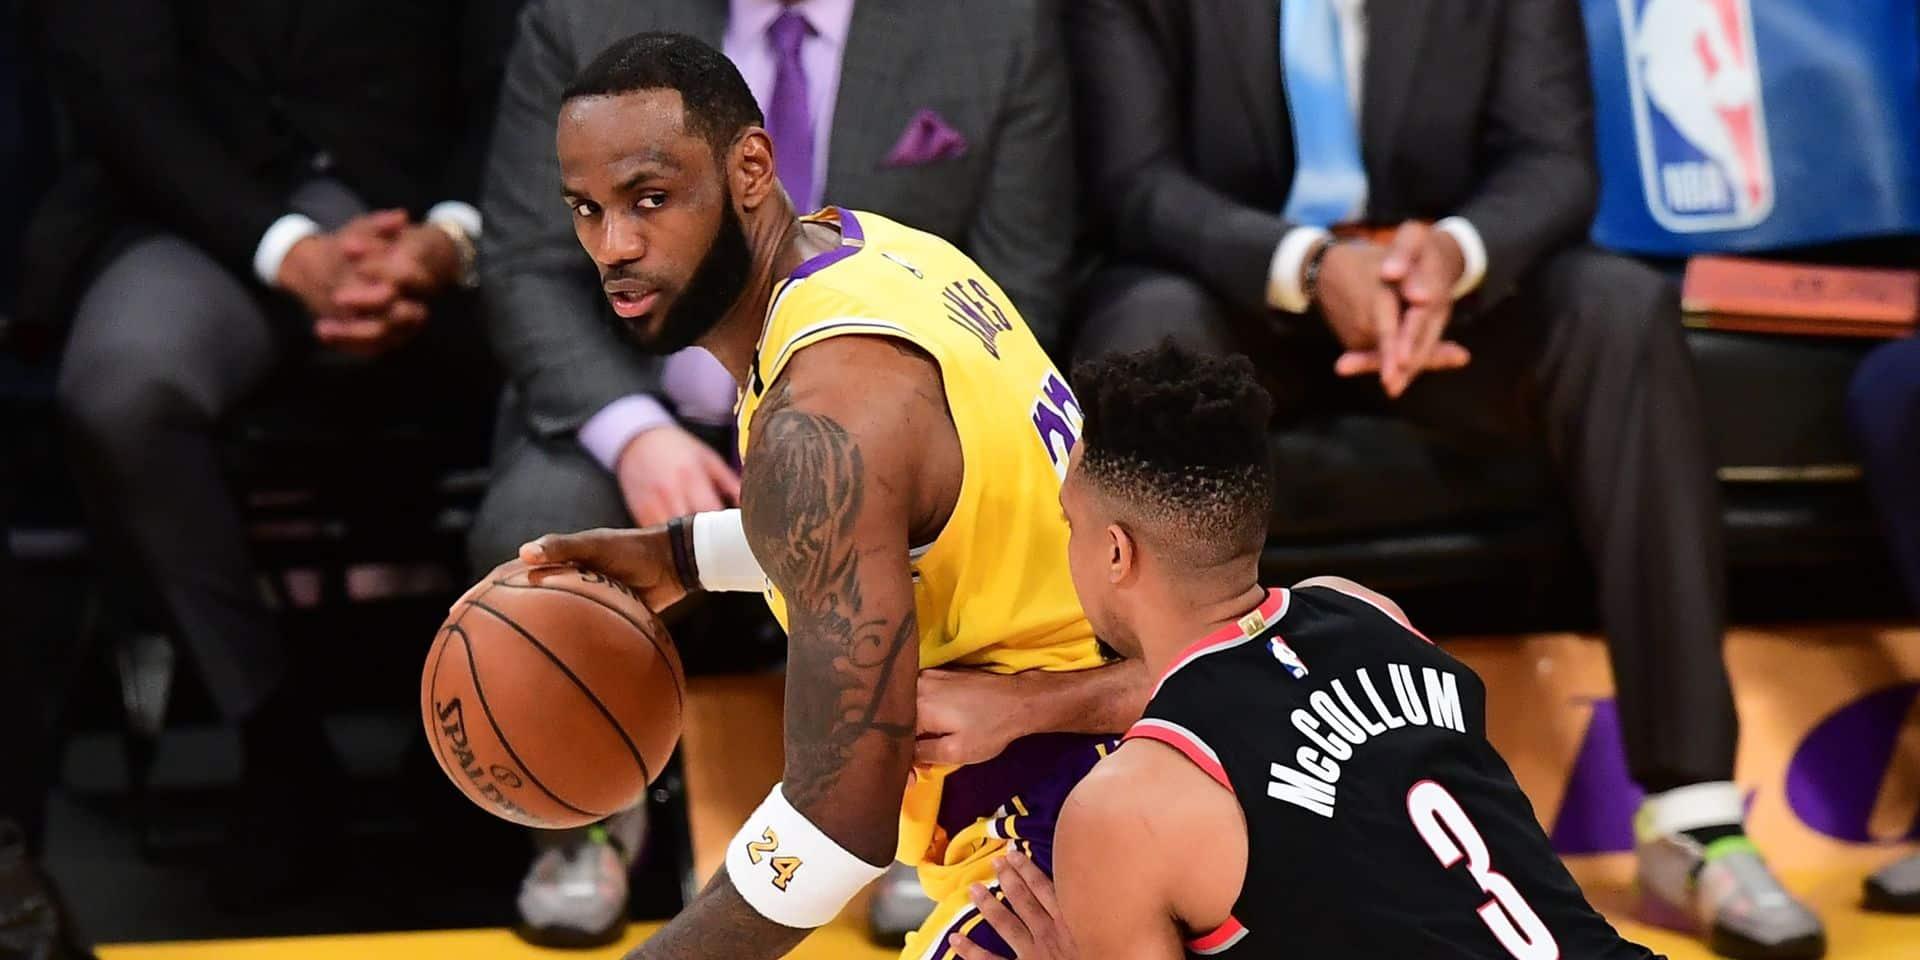 Le patron de la NBA vise une reprise de la saison le 31 juillet